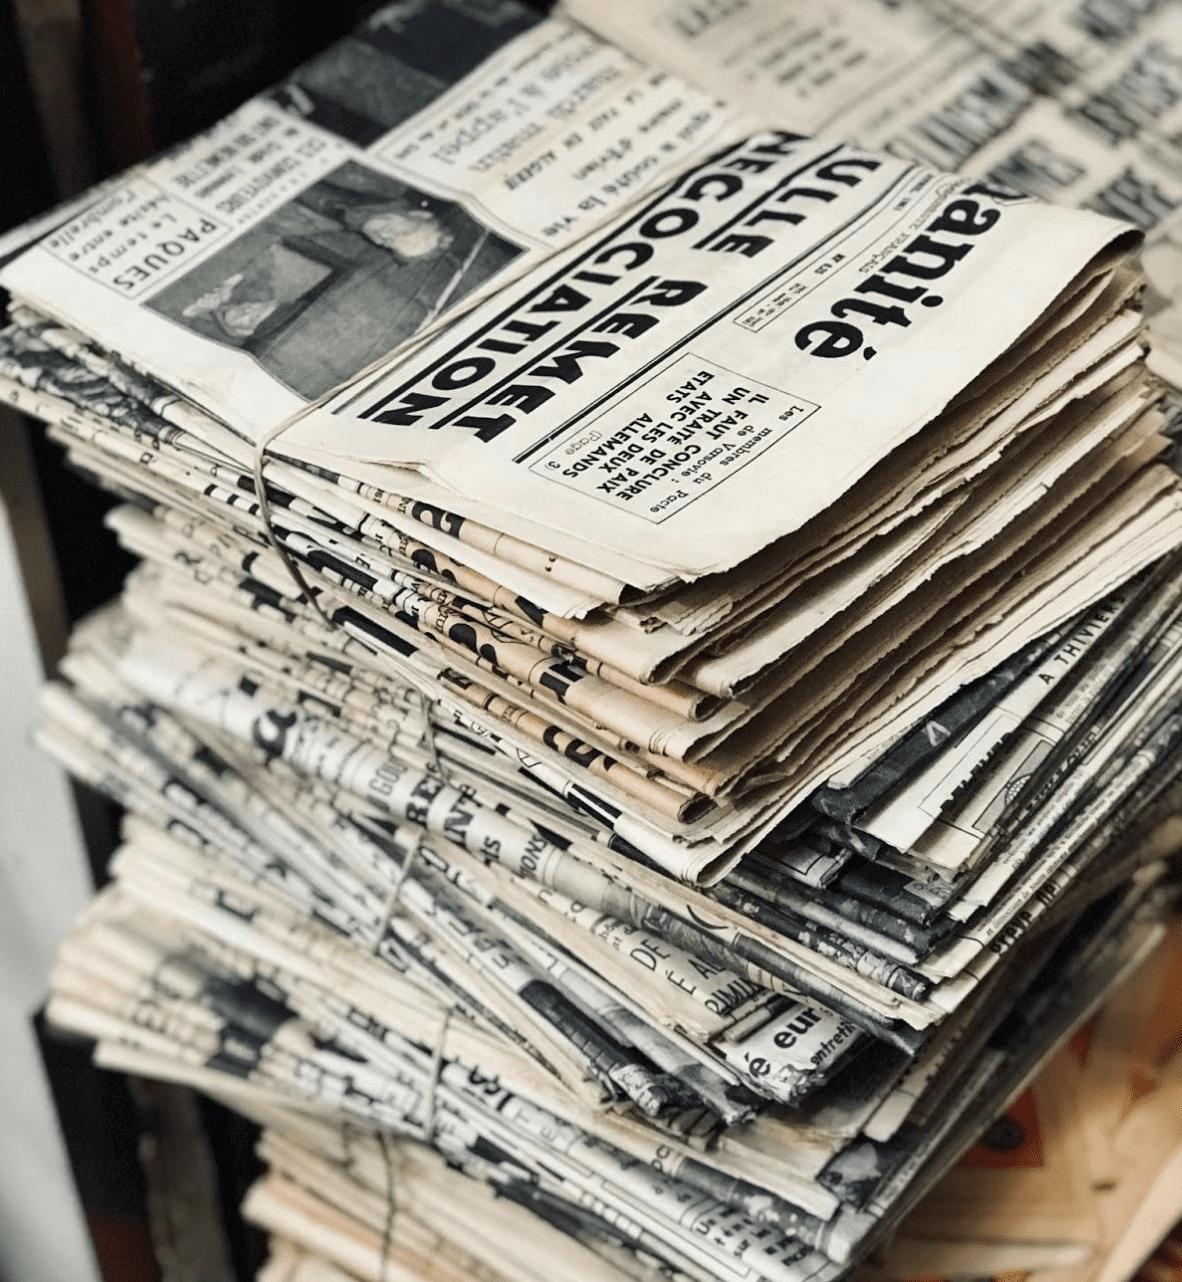 newspaper-olden